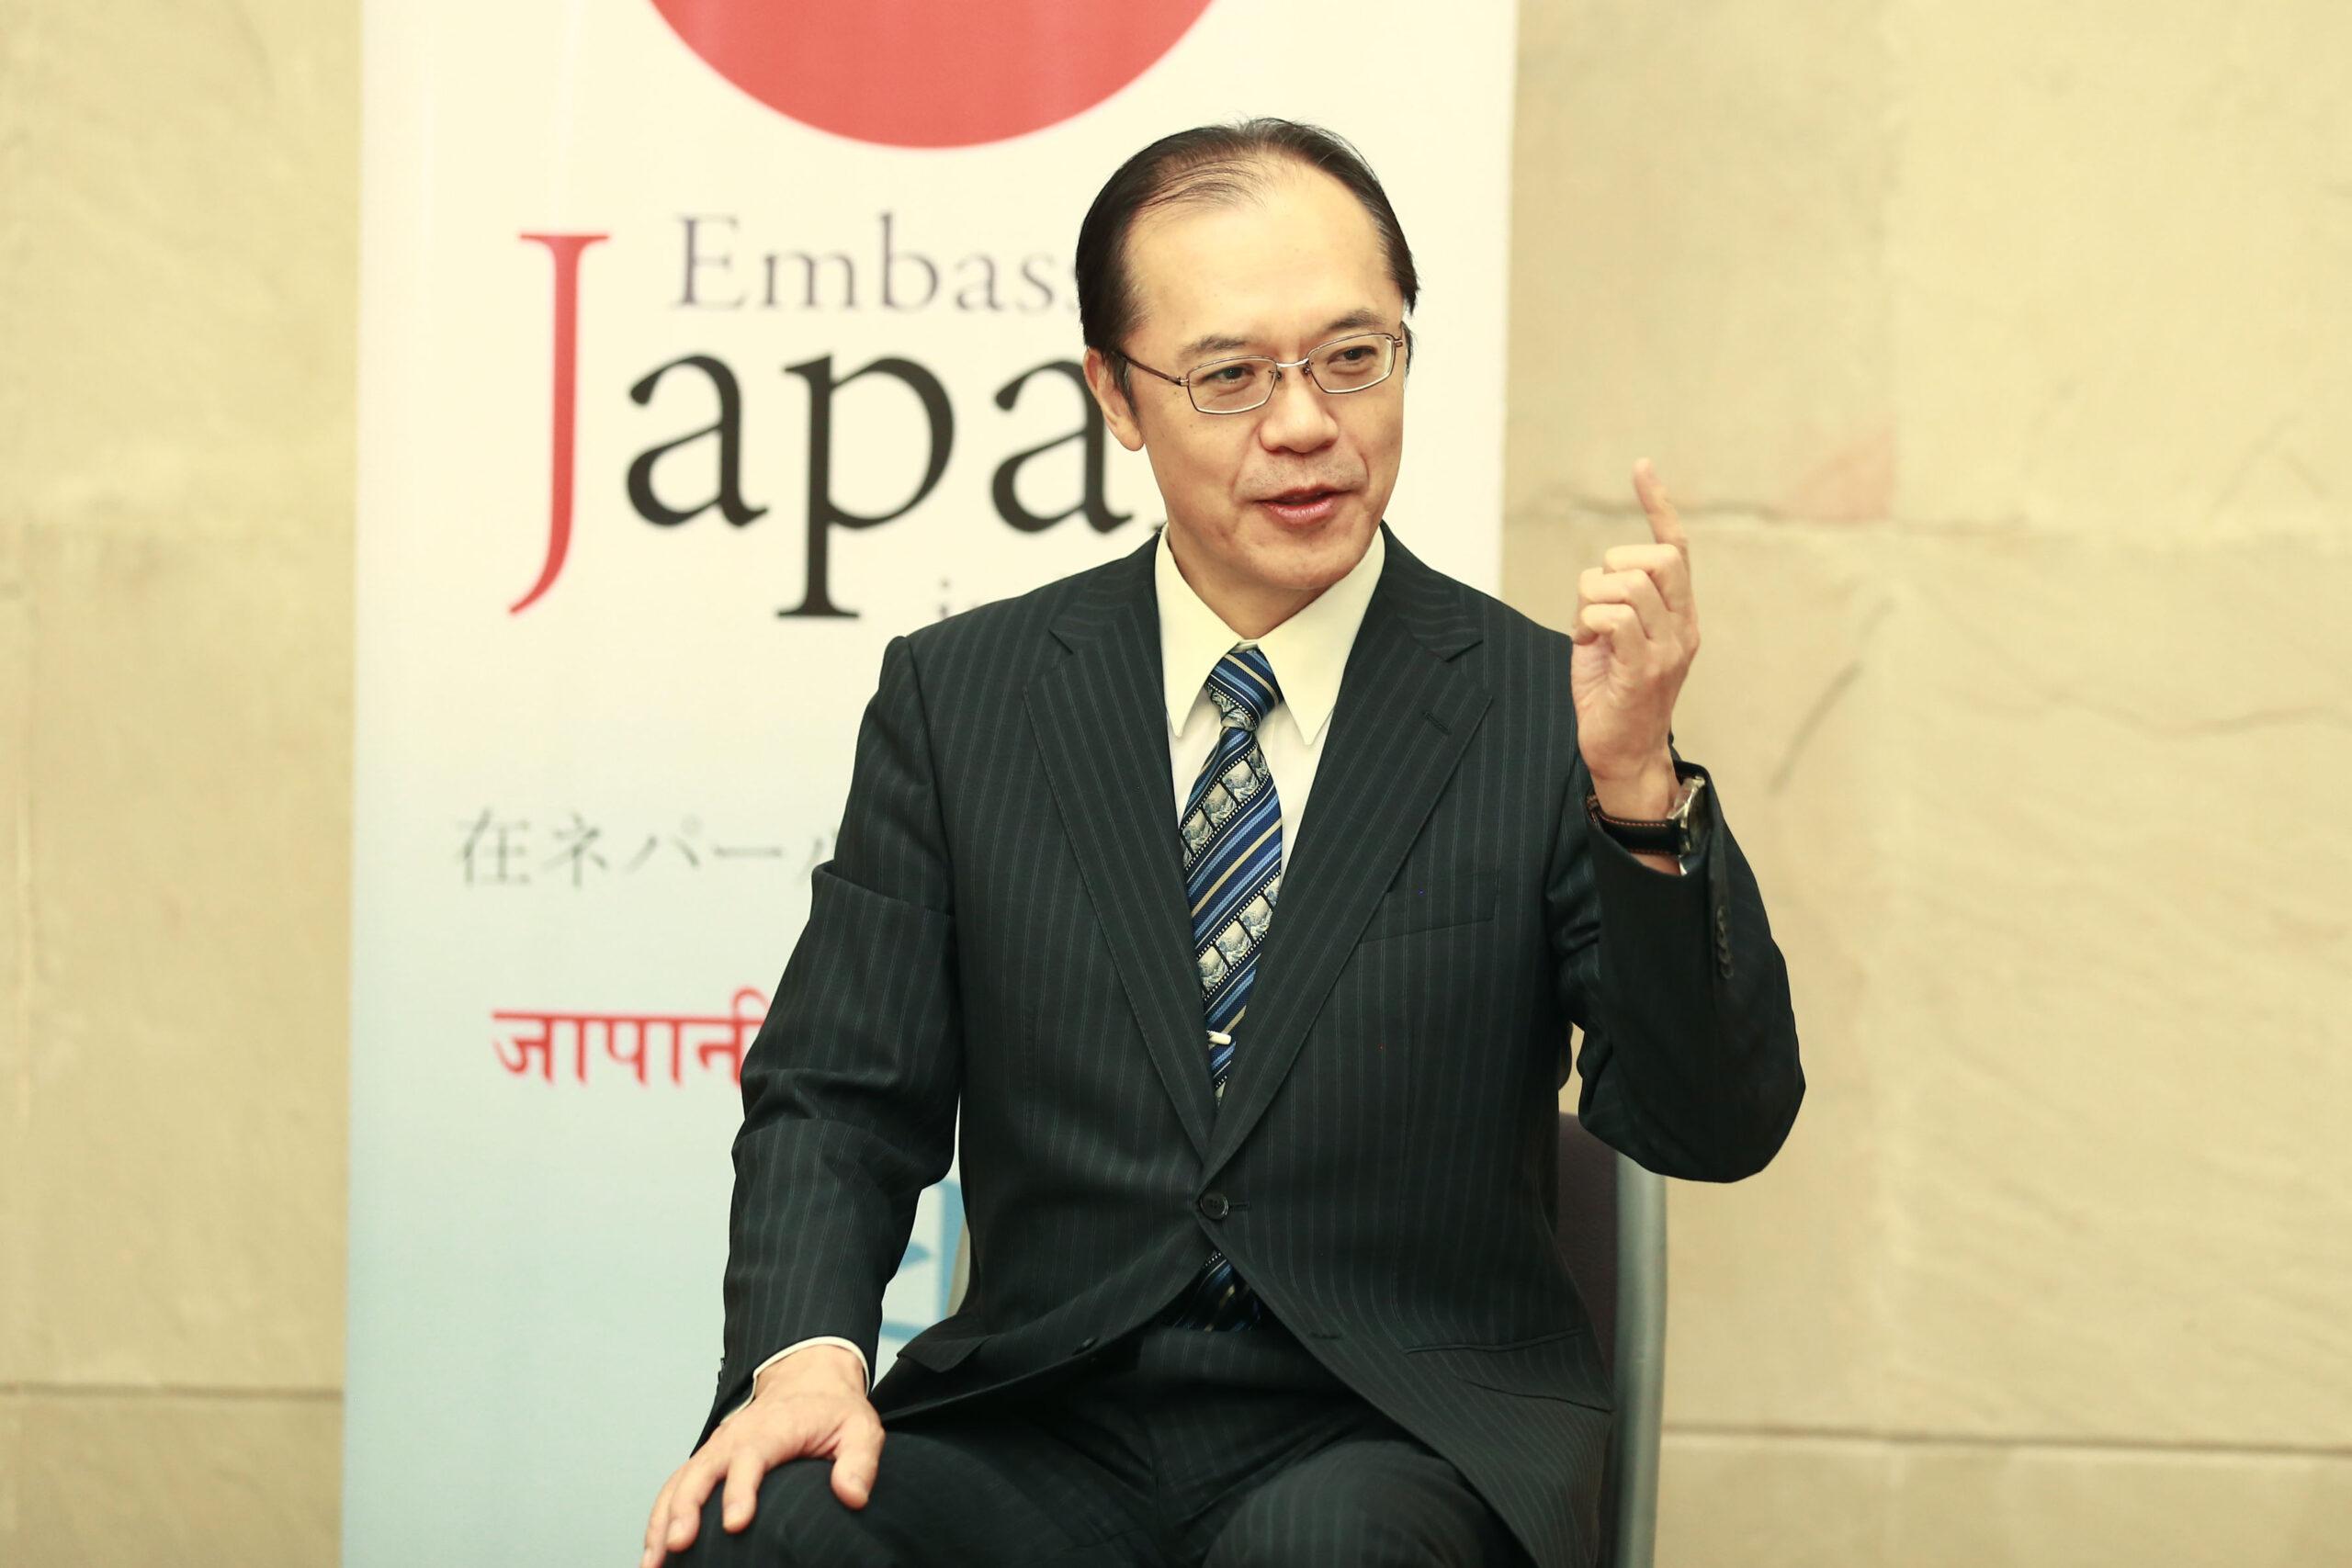 कोभिड-१९ मा सुधार लगत्तै हामी नेपालीलाई जापानमा स्वागत गर्न चाहन्छौं : जापानी राजदूत किकुता